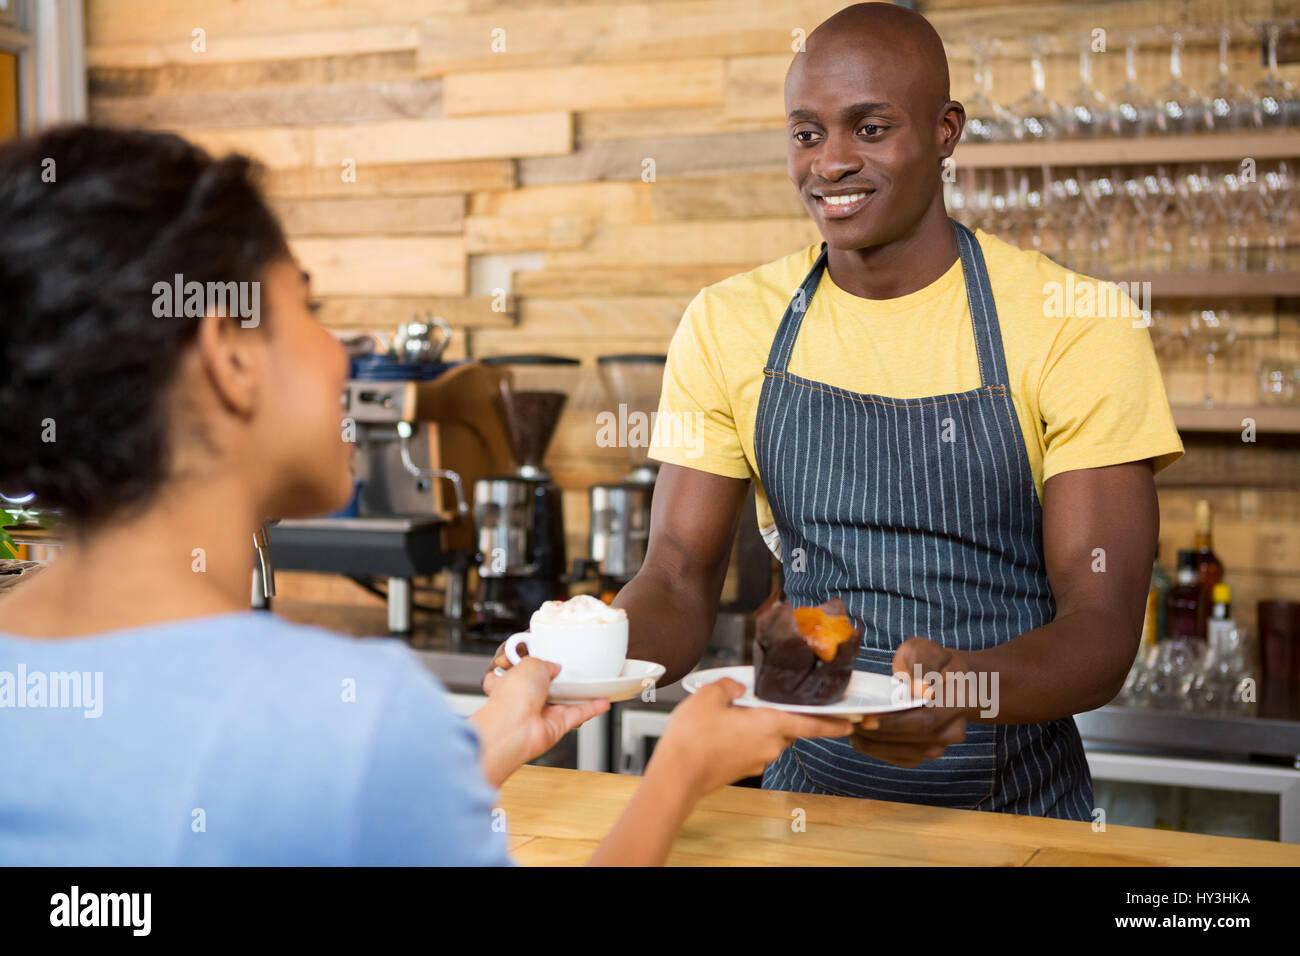 Porträt von männlichen Barista serviert Kaffee und Dessert an weibliche Kunden im café Stockfoto